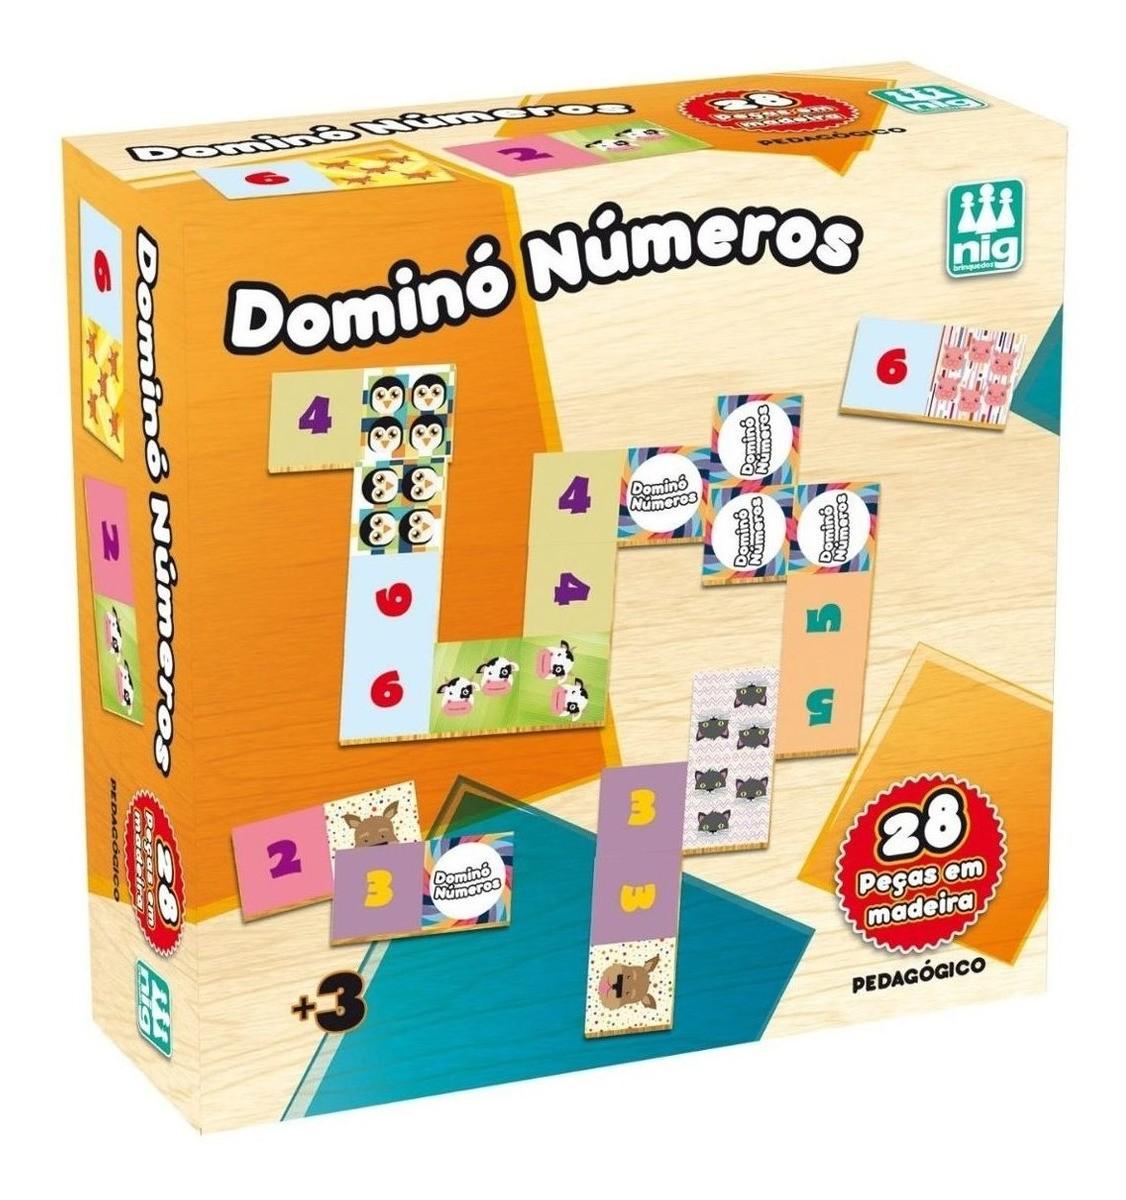 Jogo Pedagógico Dominó Números Infantil 28 Pcs Colorido Nig